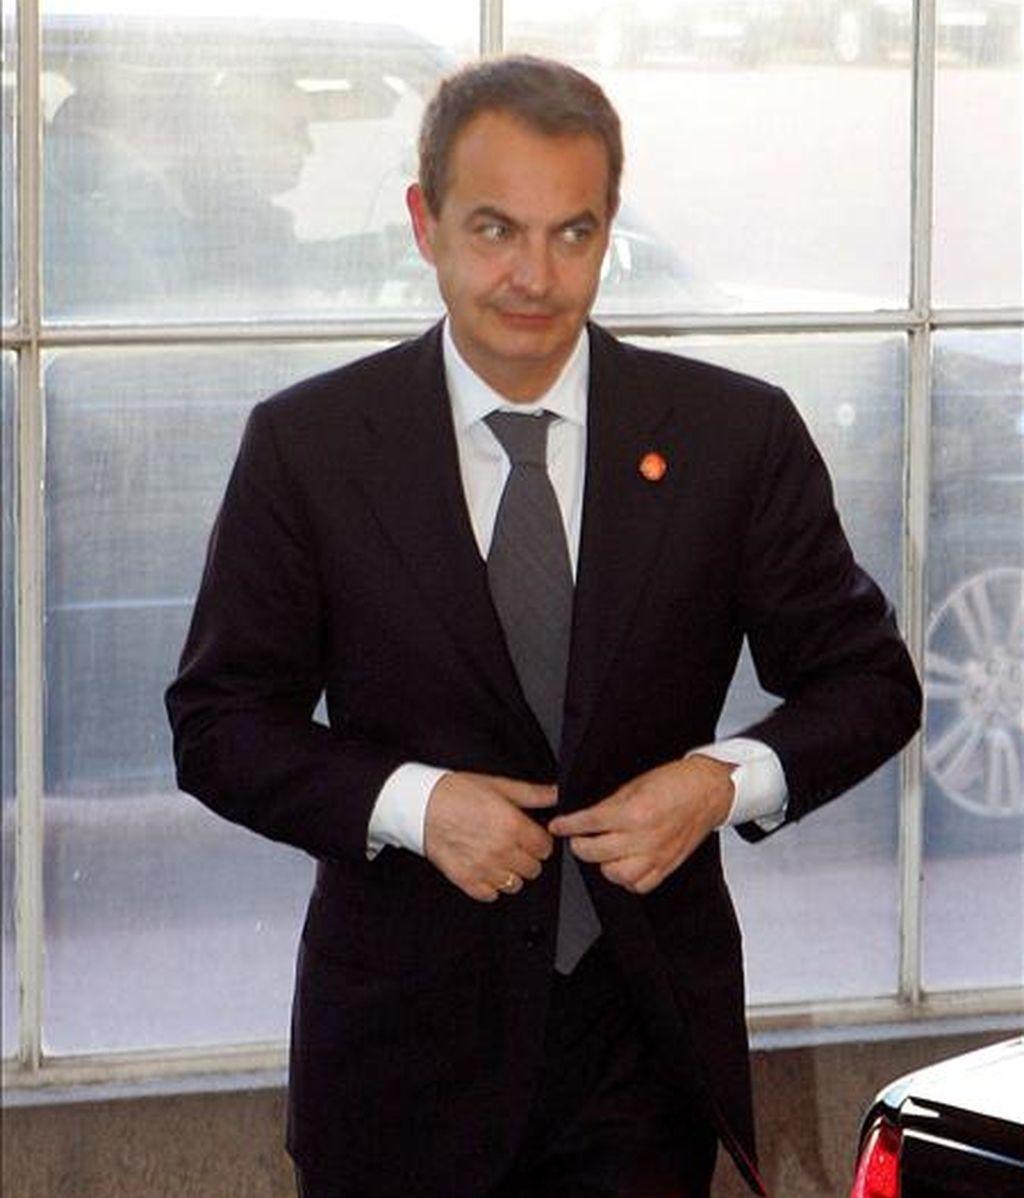 El líder del gobierno español, Jose Luis Rodriguez Zapatero, llega al Palacio de Buckingham en Londres (Reino Unido), para asistir a una recepción ofrecida por la Reina Isabel II previa a la Cumbre del G-20. EFE